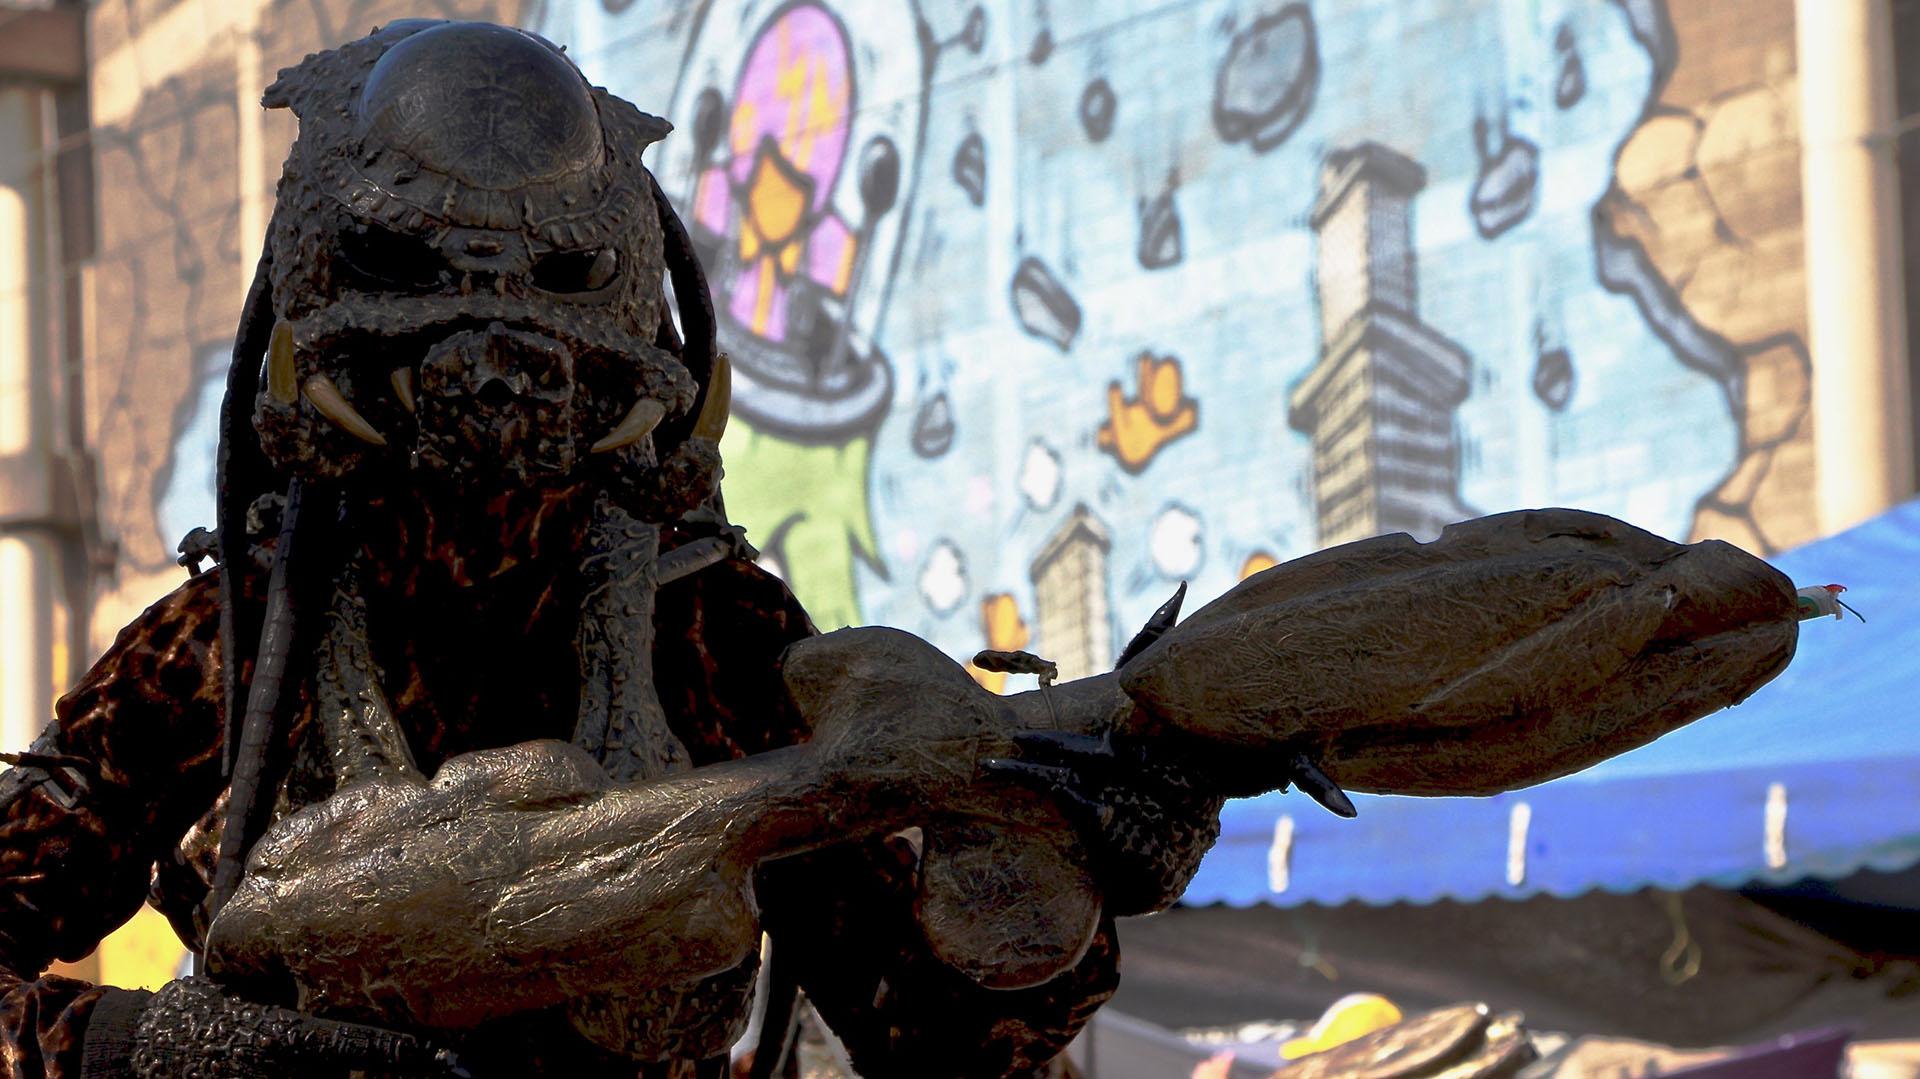 El desfile también tuvo lugar para disfraces inspirados en personajes clásicos de Hollywood, como Predator